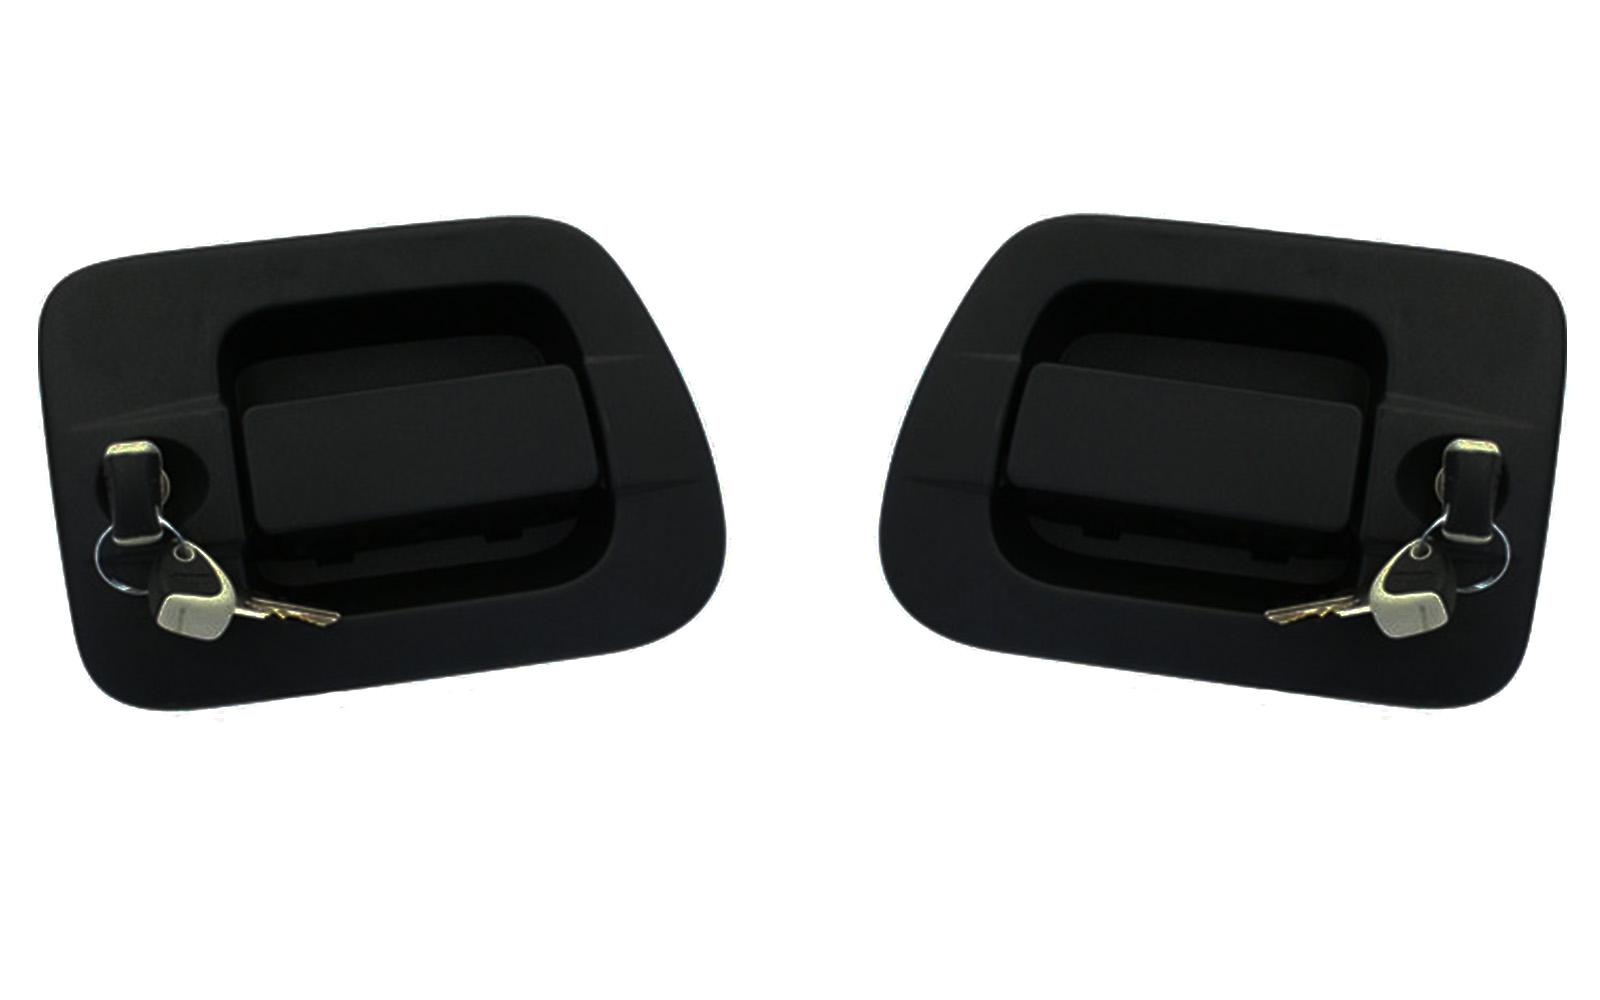 Maçaneta Porta Iveco Tector Cursor Stralis - Externa (Par)